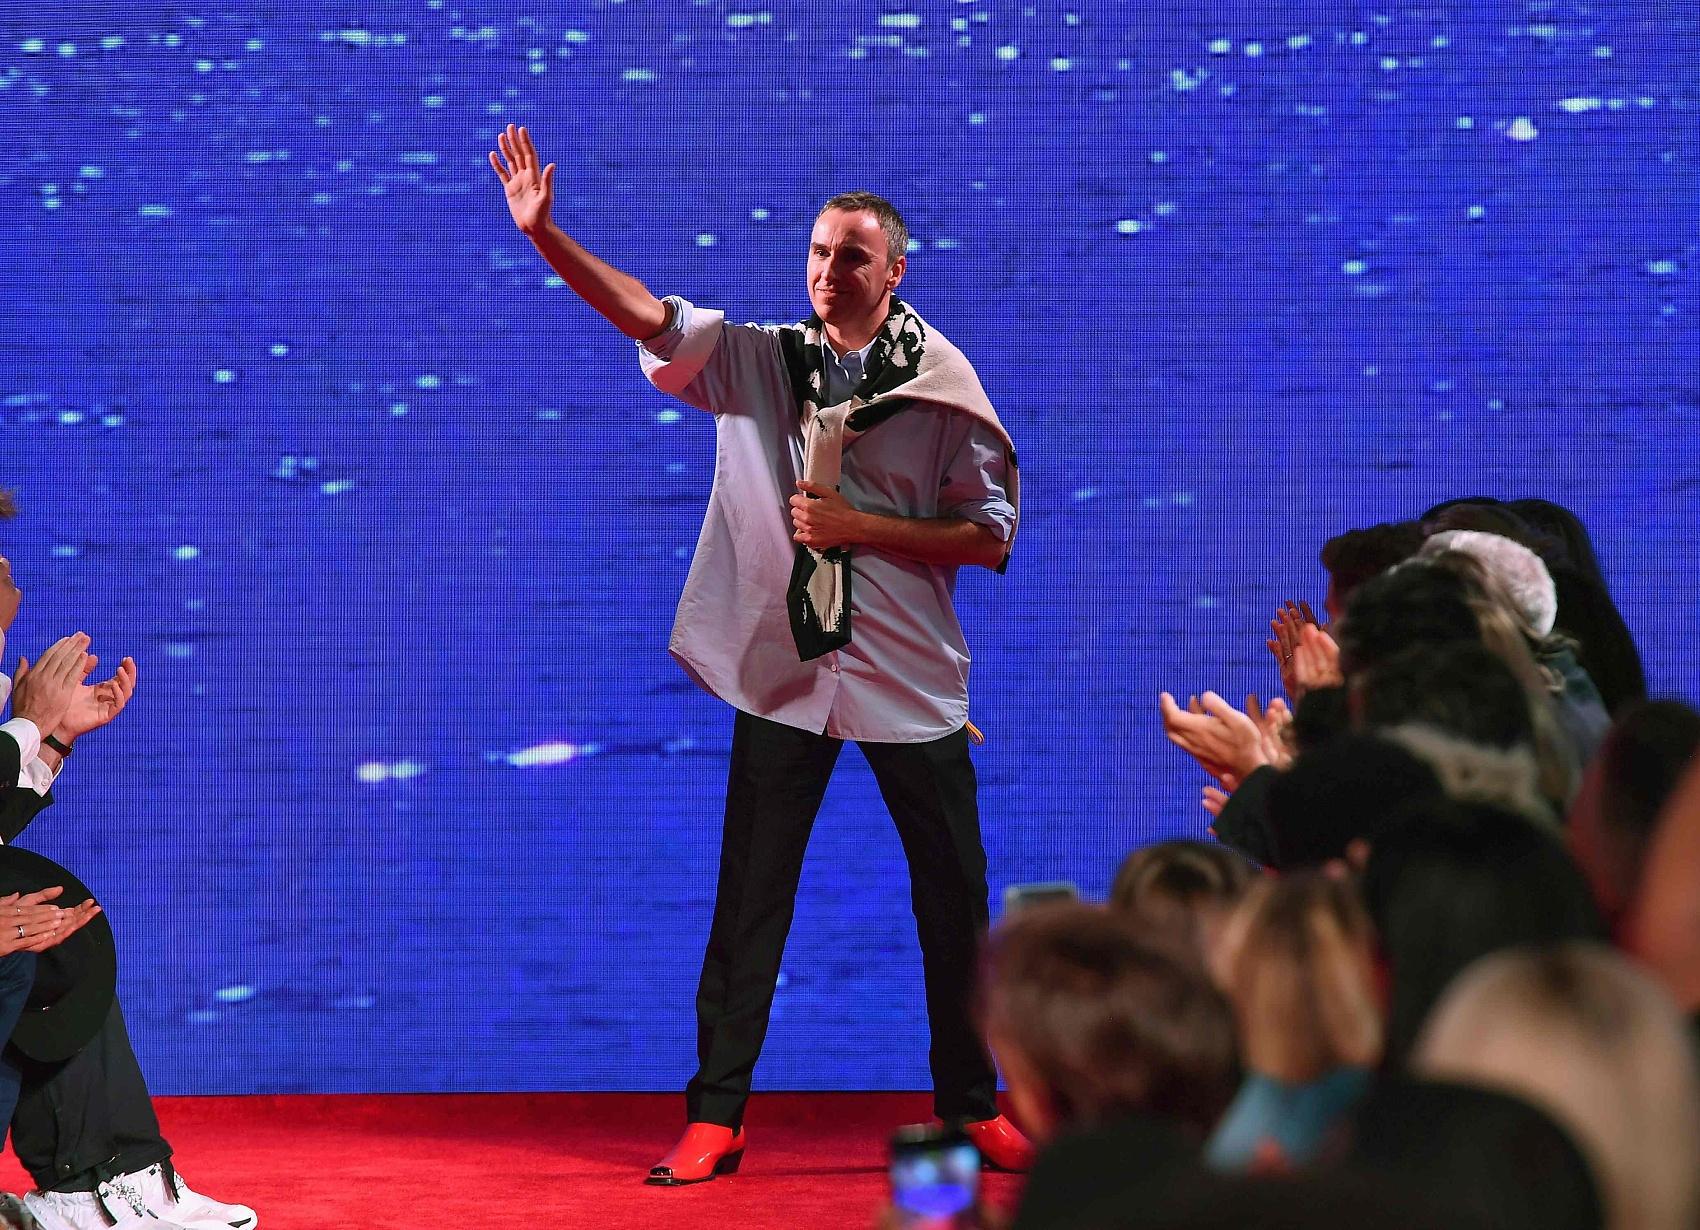 被大幅削权的 Raf Simons 拒绝续约 Calvin Klein品牌,提前8个月离开